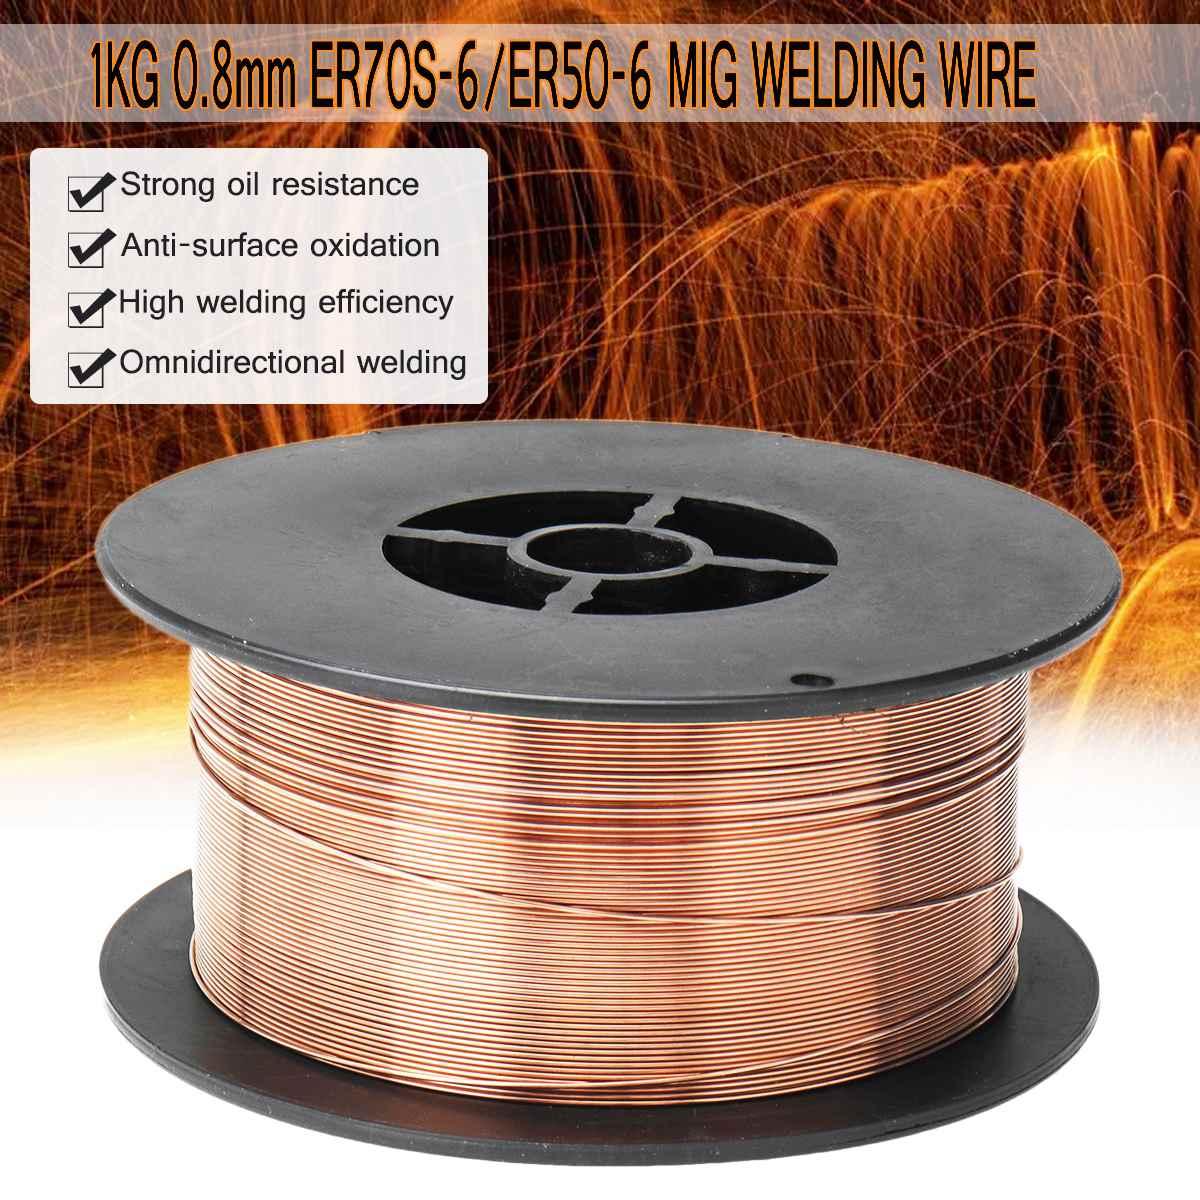 MIG Solid Welding Wire ER70S-6 / ER50-6 0.6/0.8/0.9/1.0/1.2mm Mild Steel Gas Shielded Welding Wire